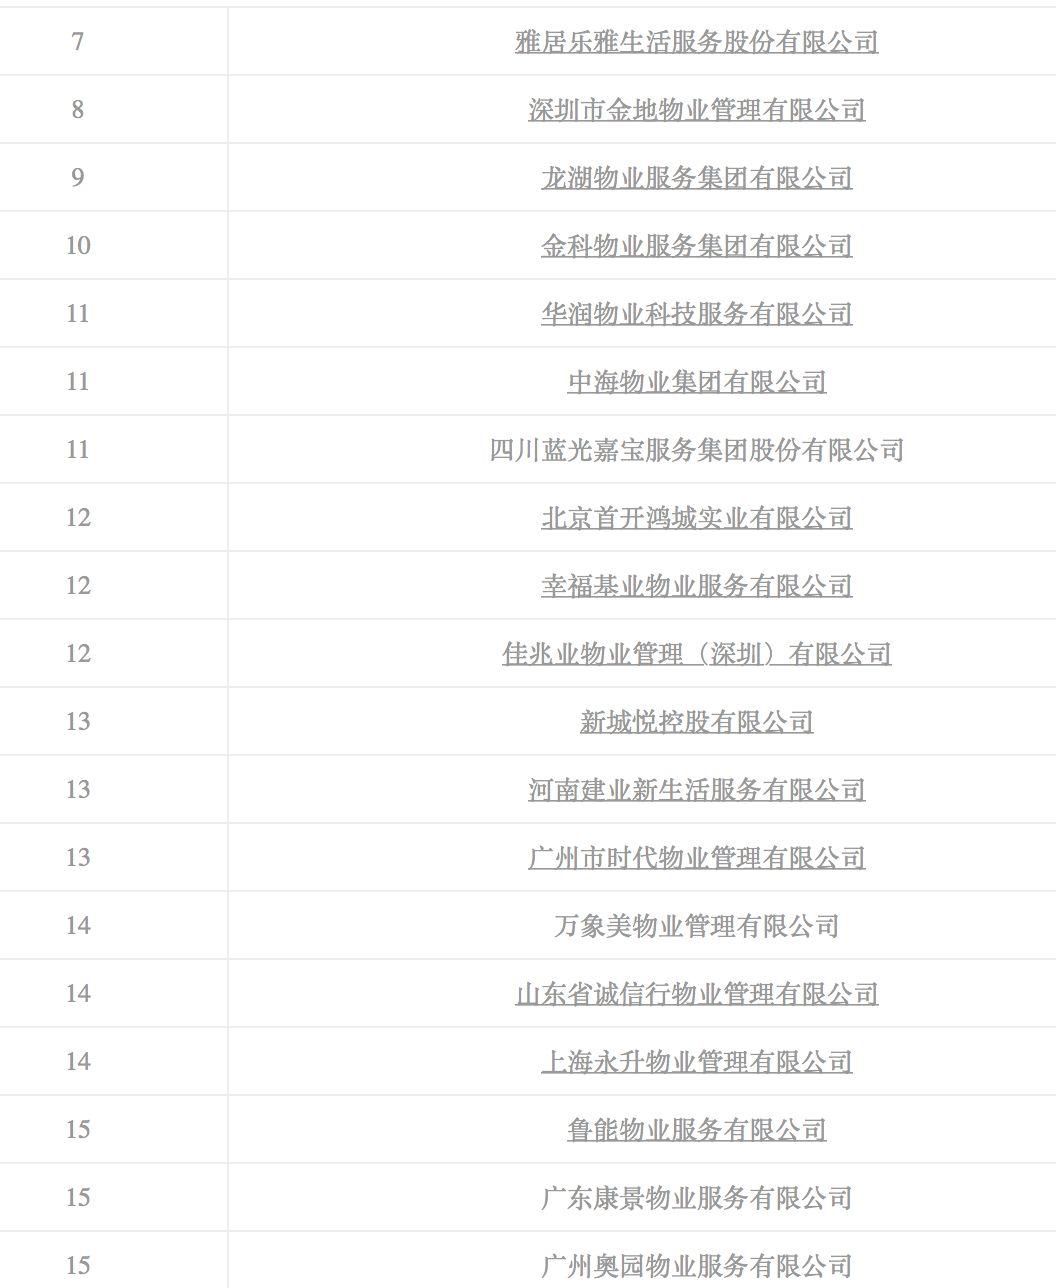 首存50送100彩金 - 小时代:林萧去给崇光送粽子,谁料开门看到总裁,身材太好了吧